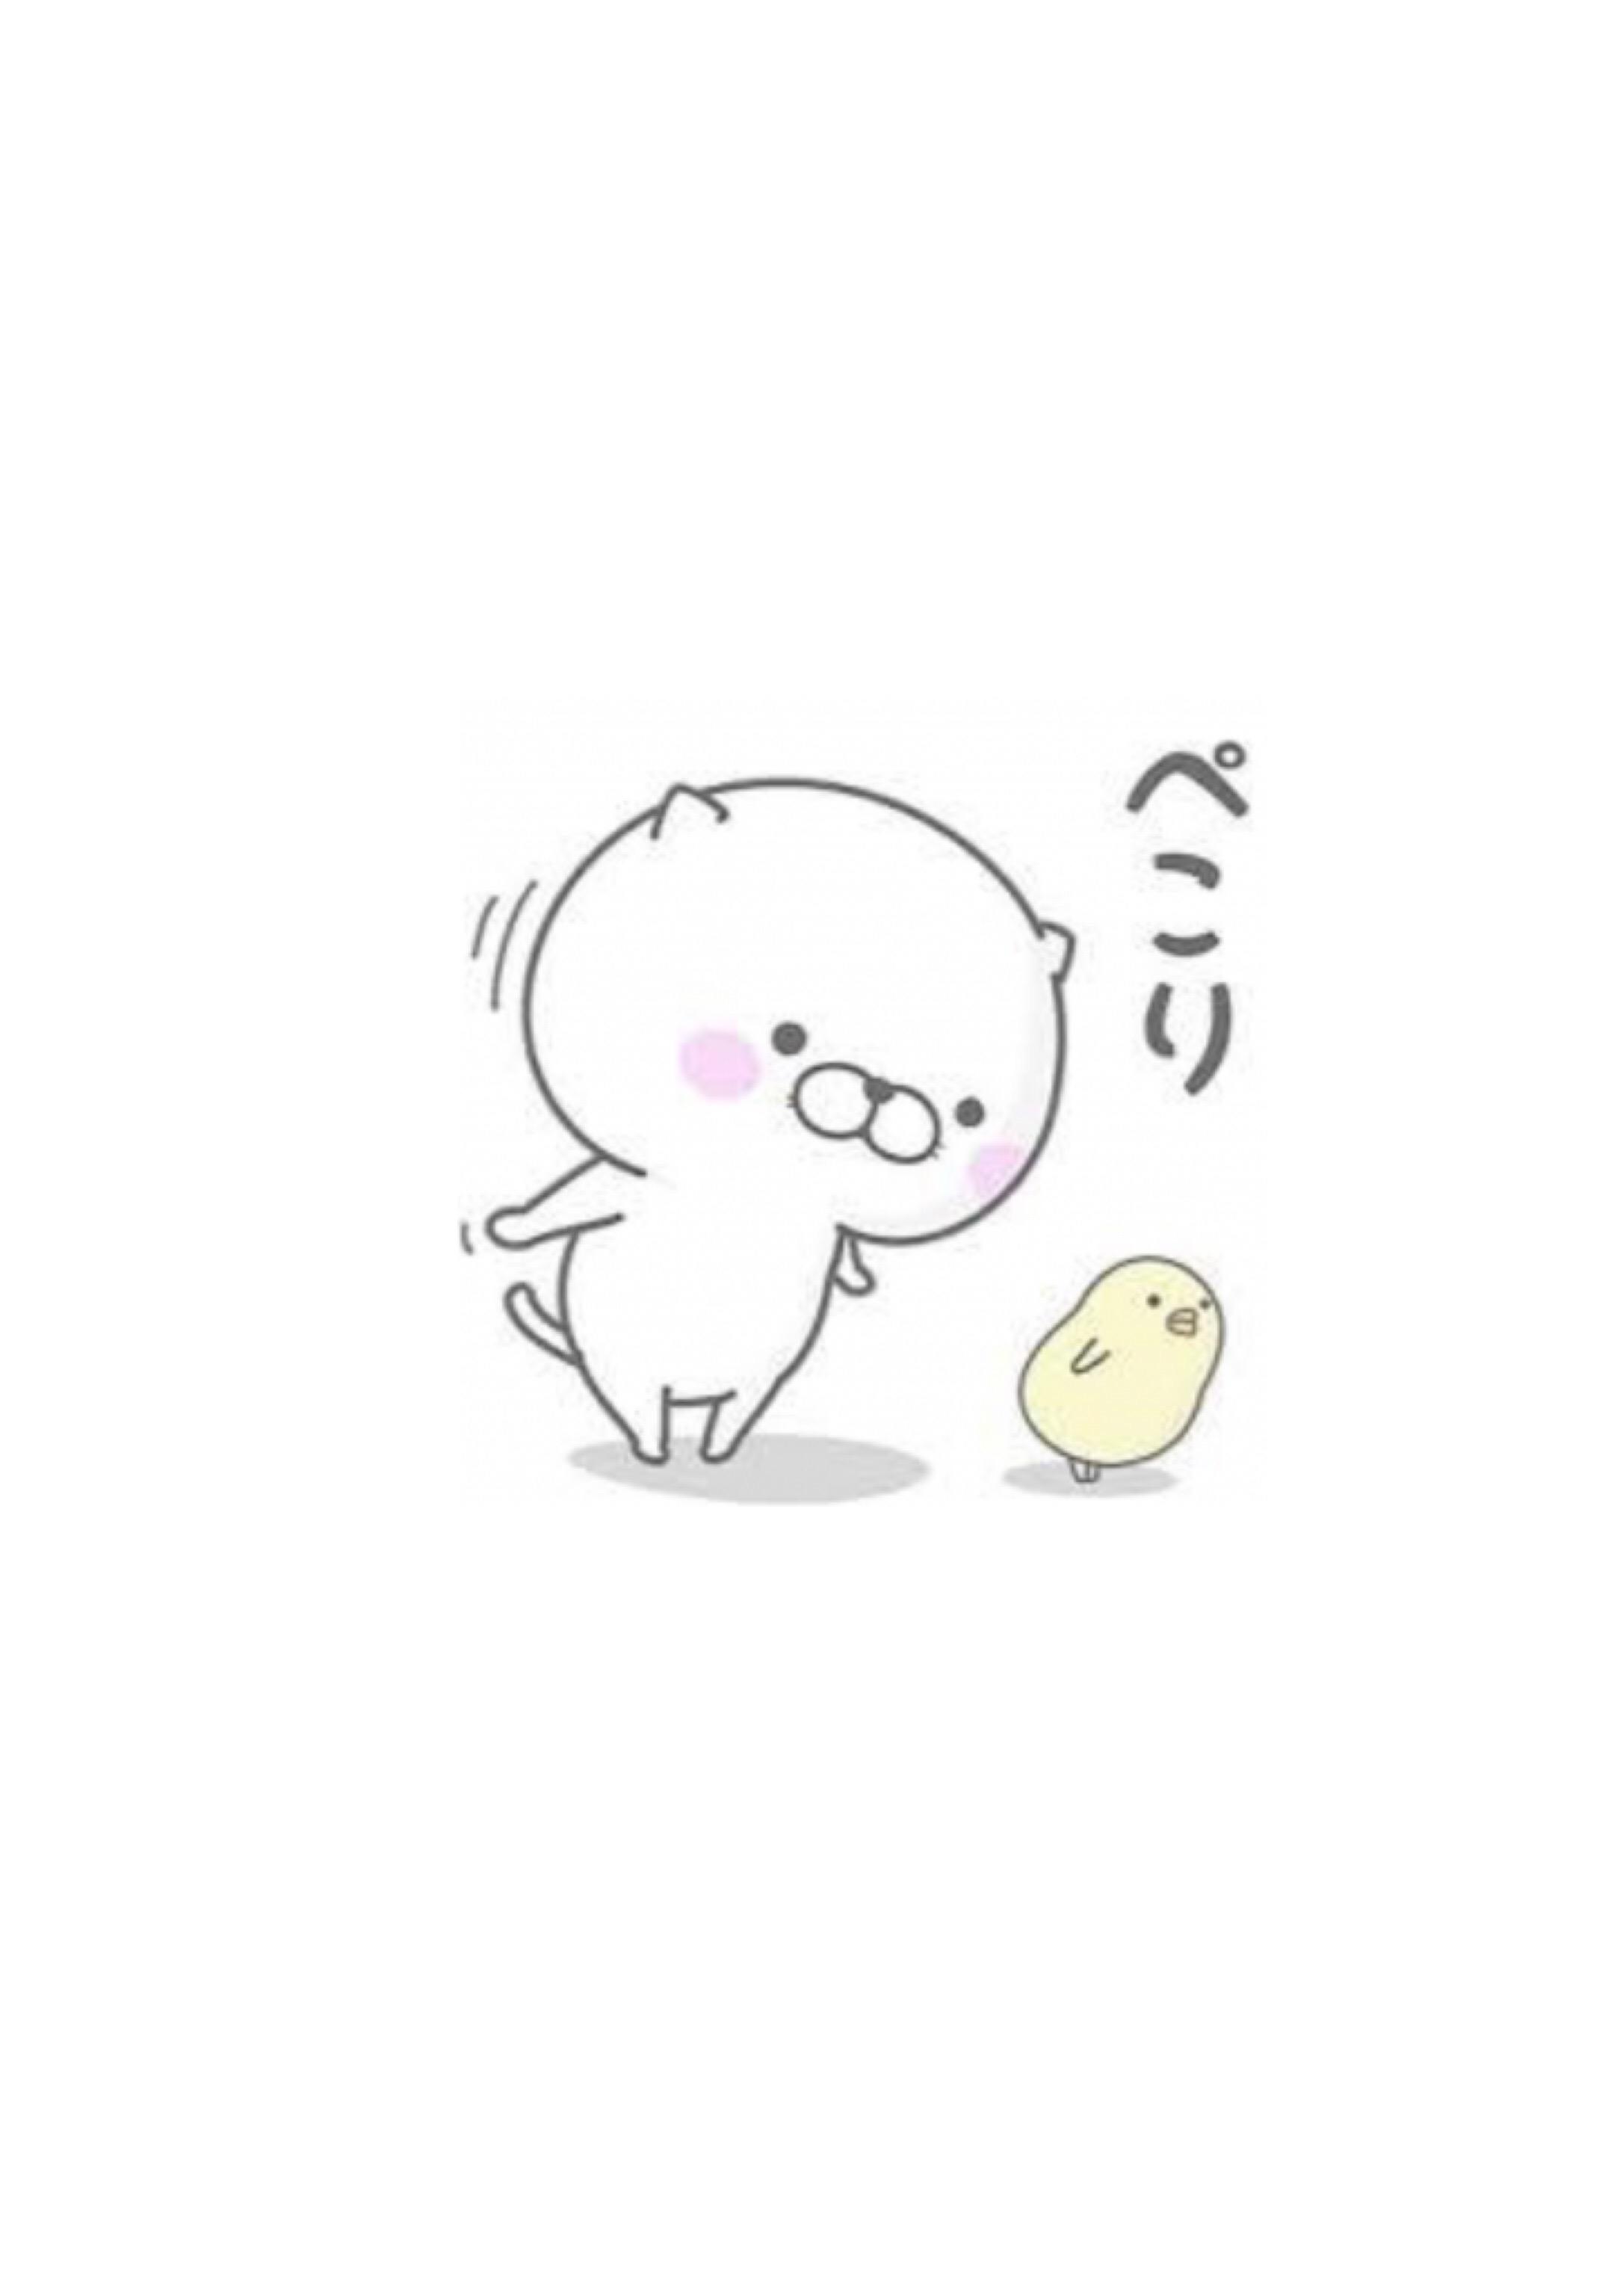 「今日は寒いー!」12/06(木) 17:27 | 石川かおりの写メ・風俗動画